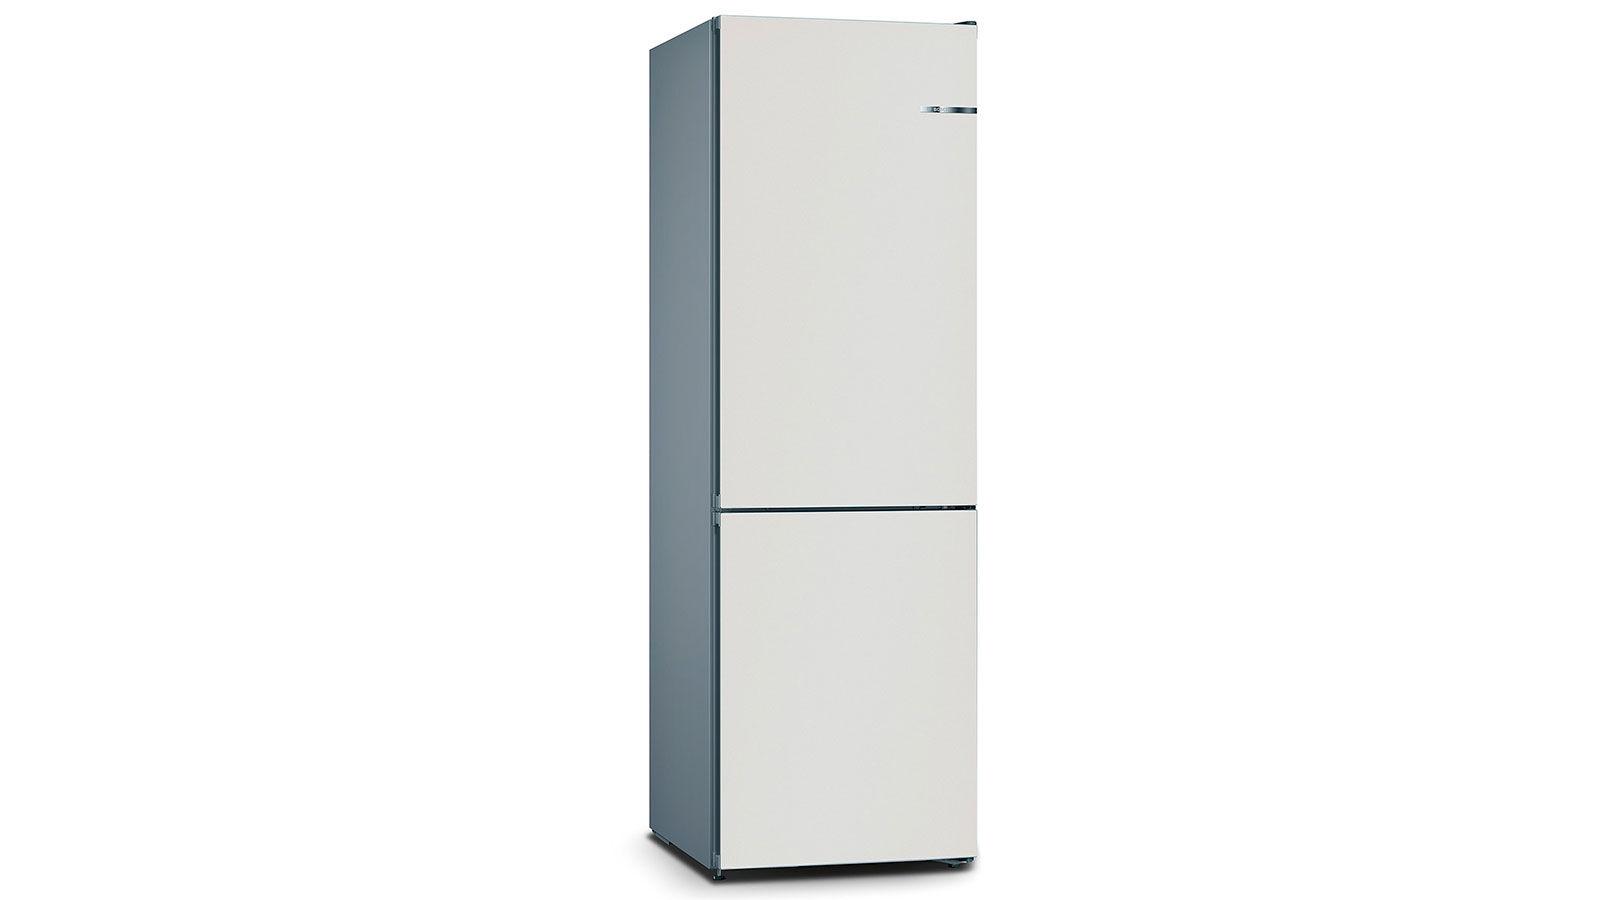 BOSCH 324L雙門雪櫃/配可更換門板 KVN36IV3BK-珍珠白